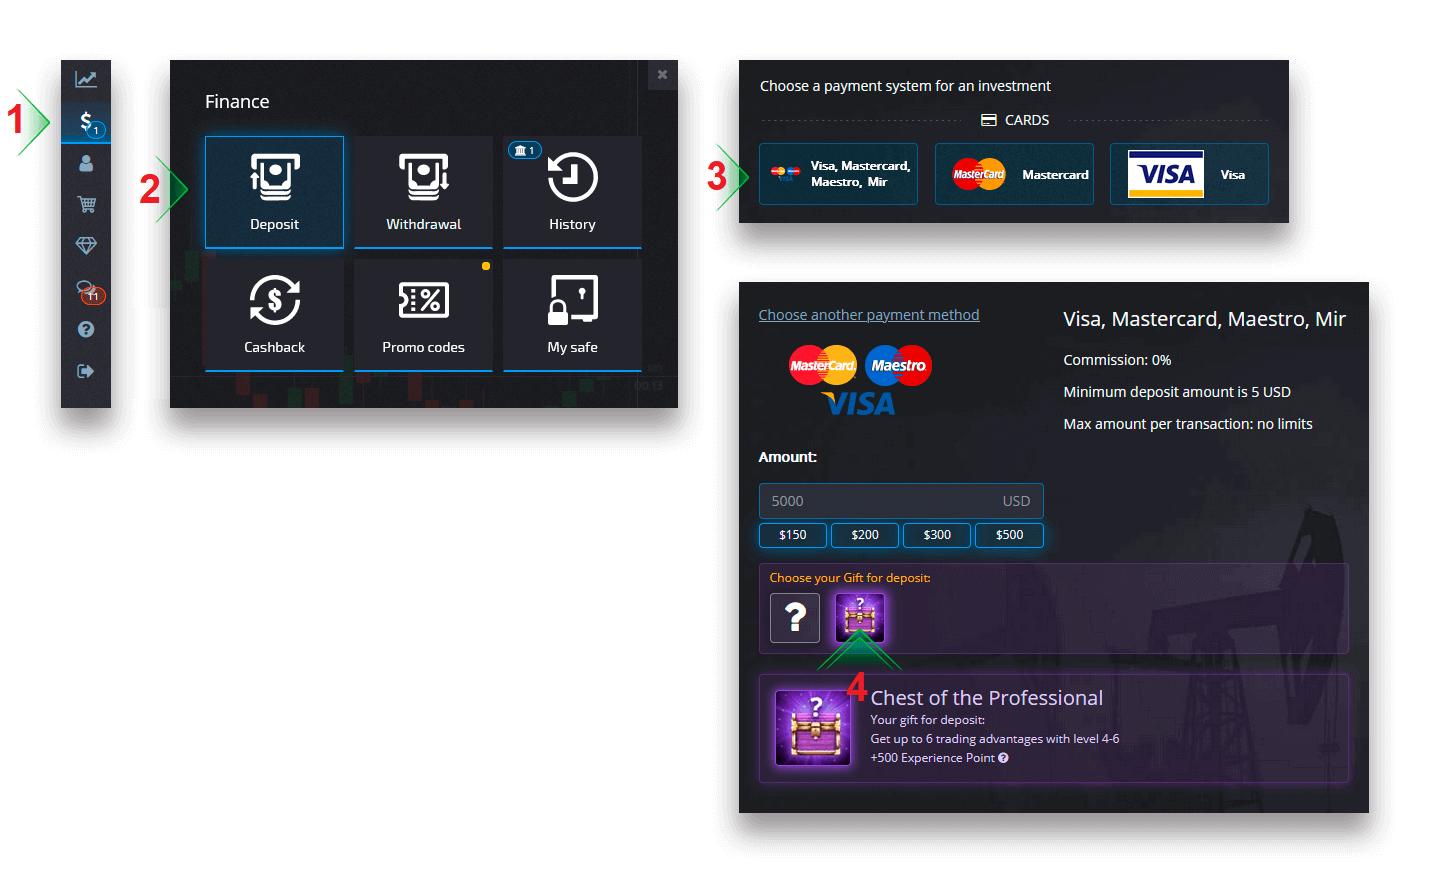 Pocket Optionでサインアップしてお金を入金する方法